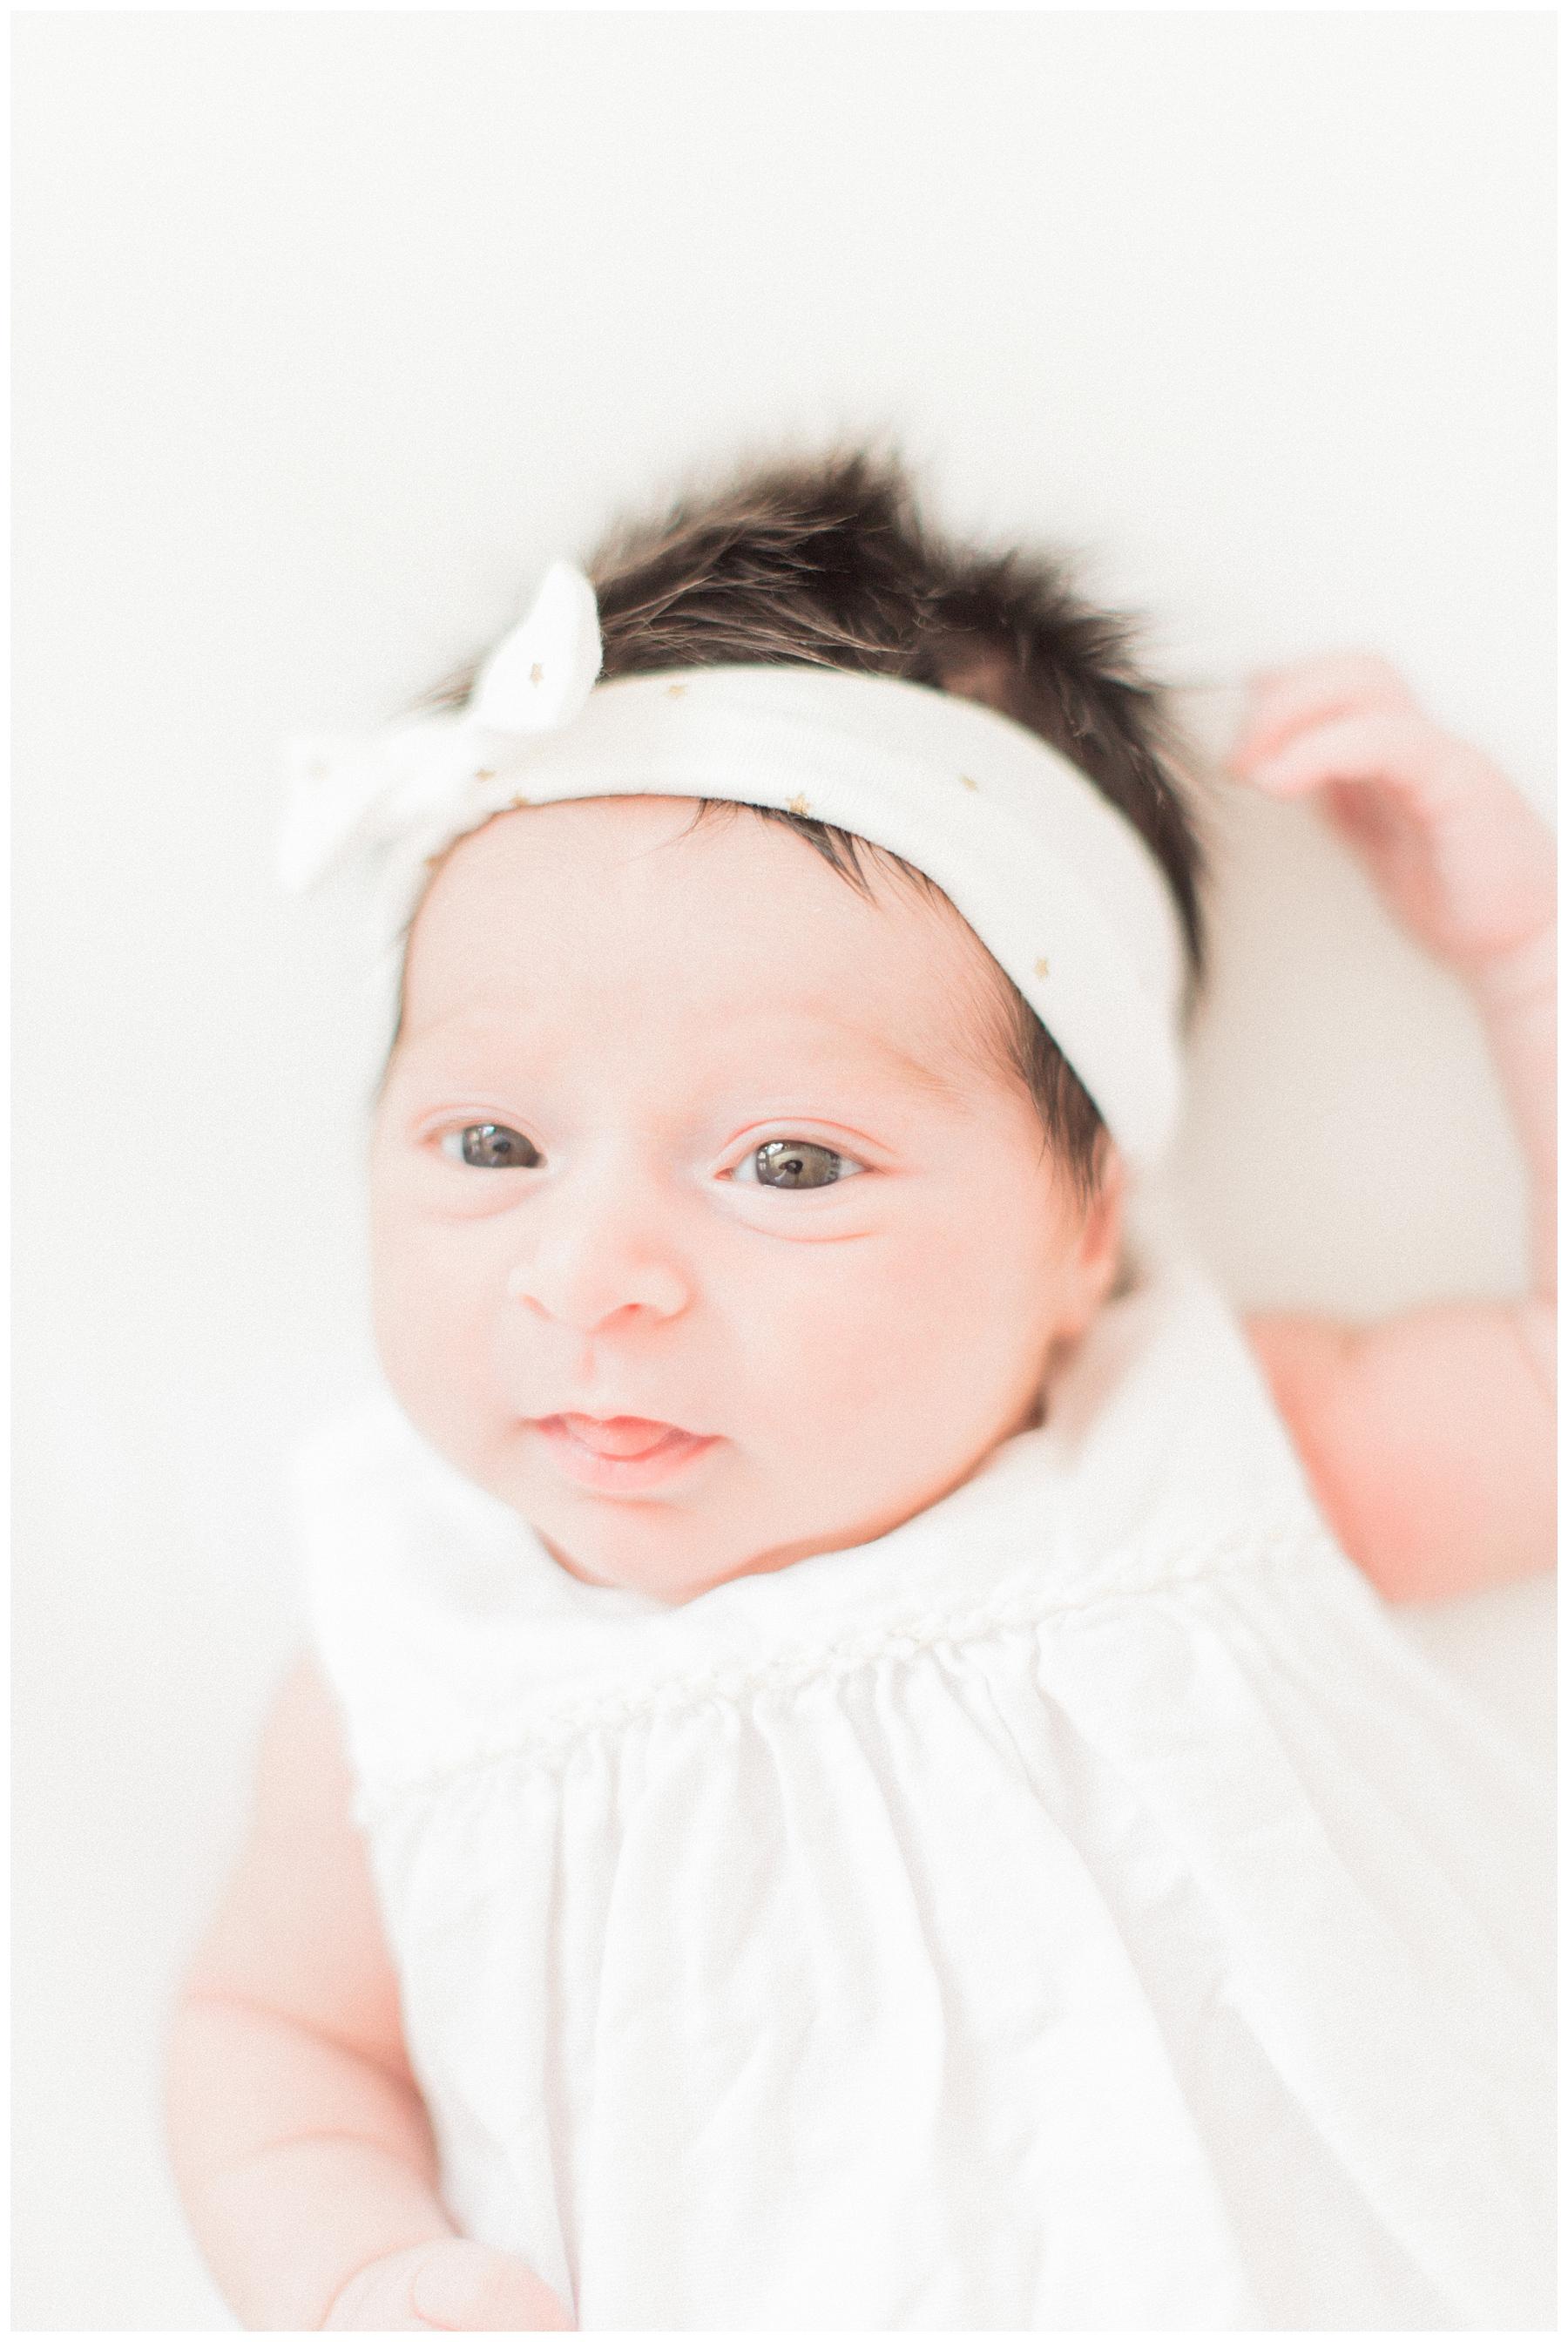 Marie-Alice G-Photographe valognes cherbourg manche normandie - photographe nouveau ne bebe famille_0046